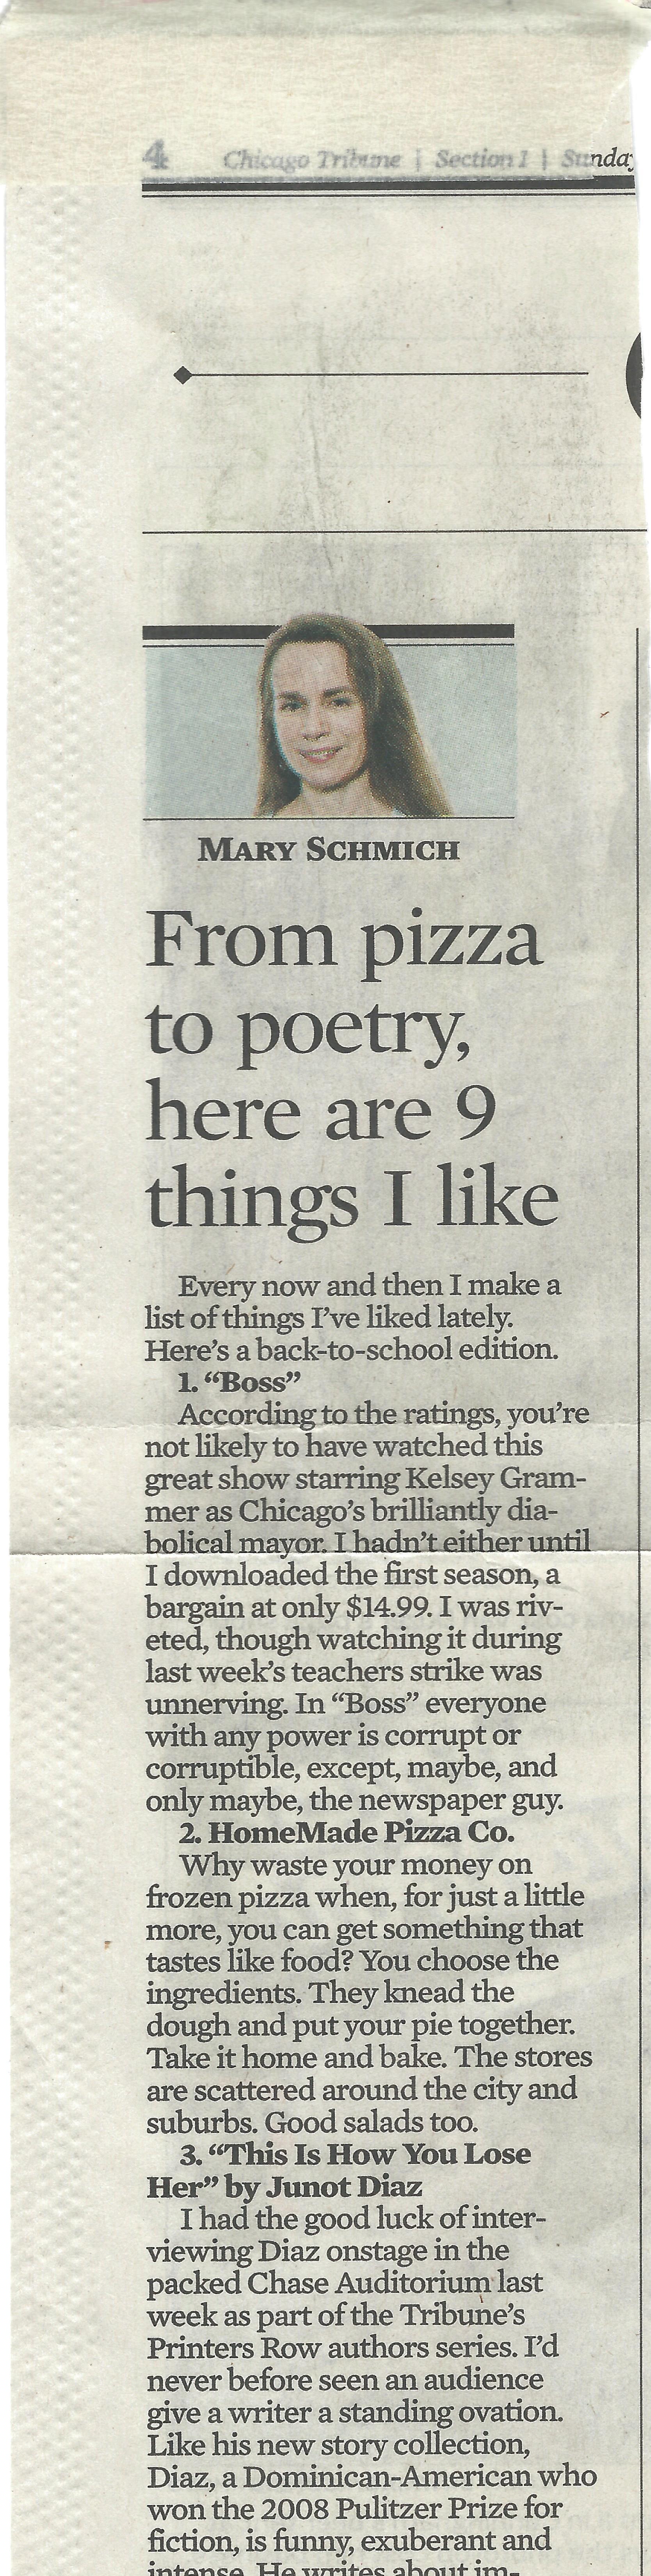 essay written by mary schmich